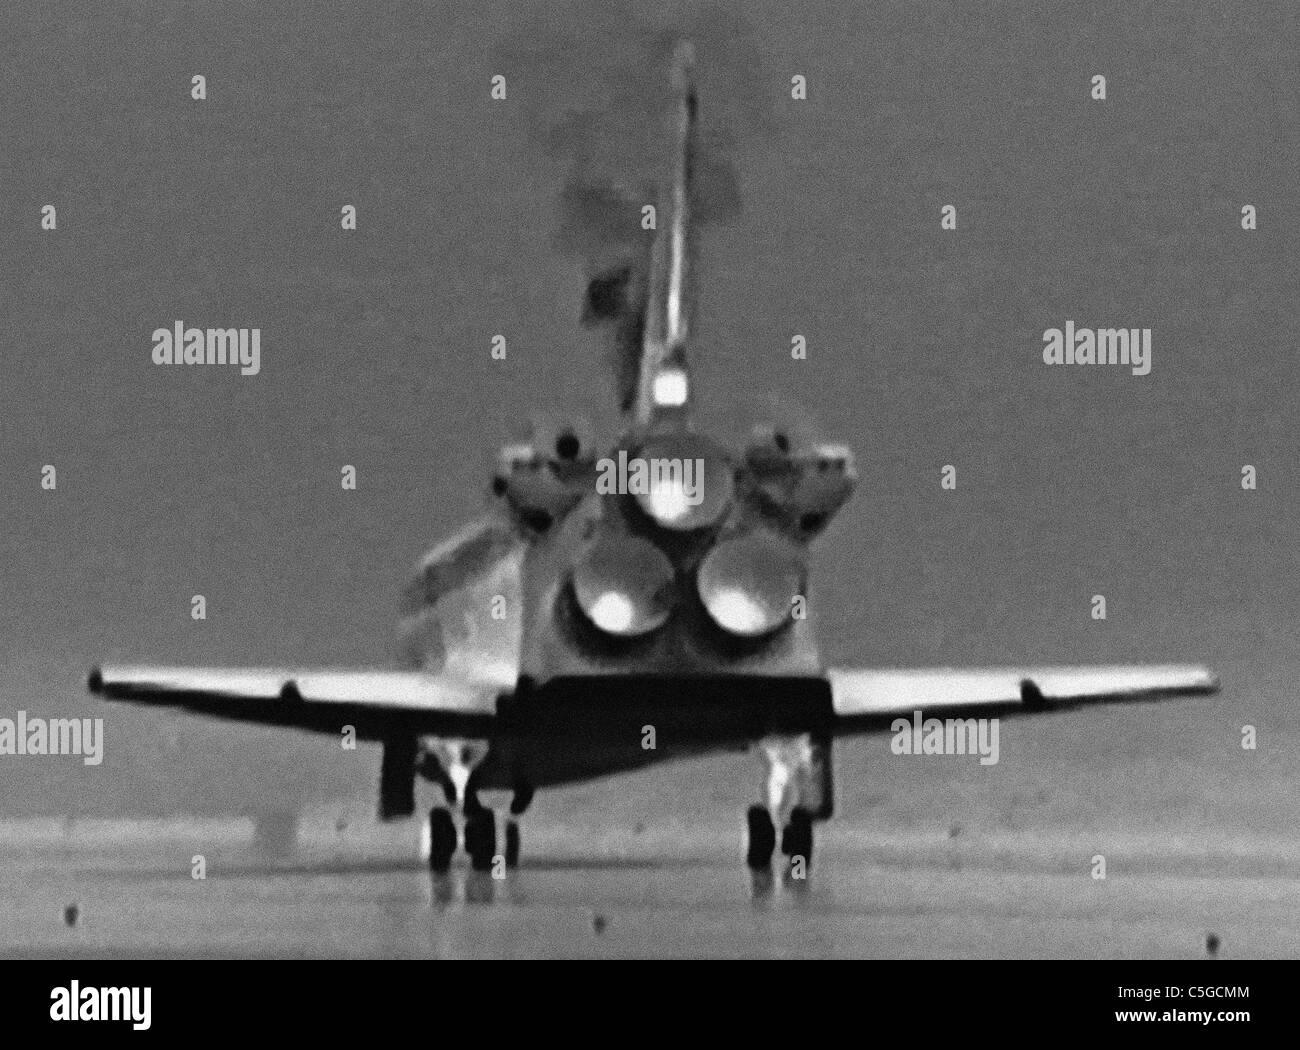 Atlantis retourne - touchdown image thermique pour fournir à l'envers - navette spatiale positive dernière Photo Stock